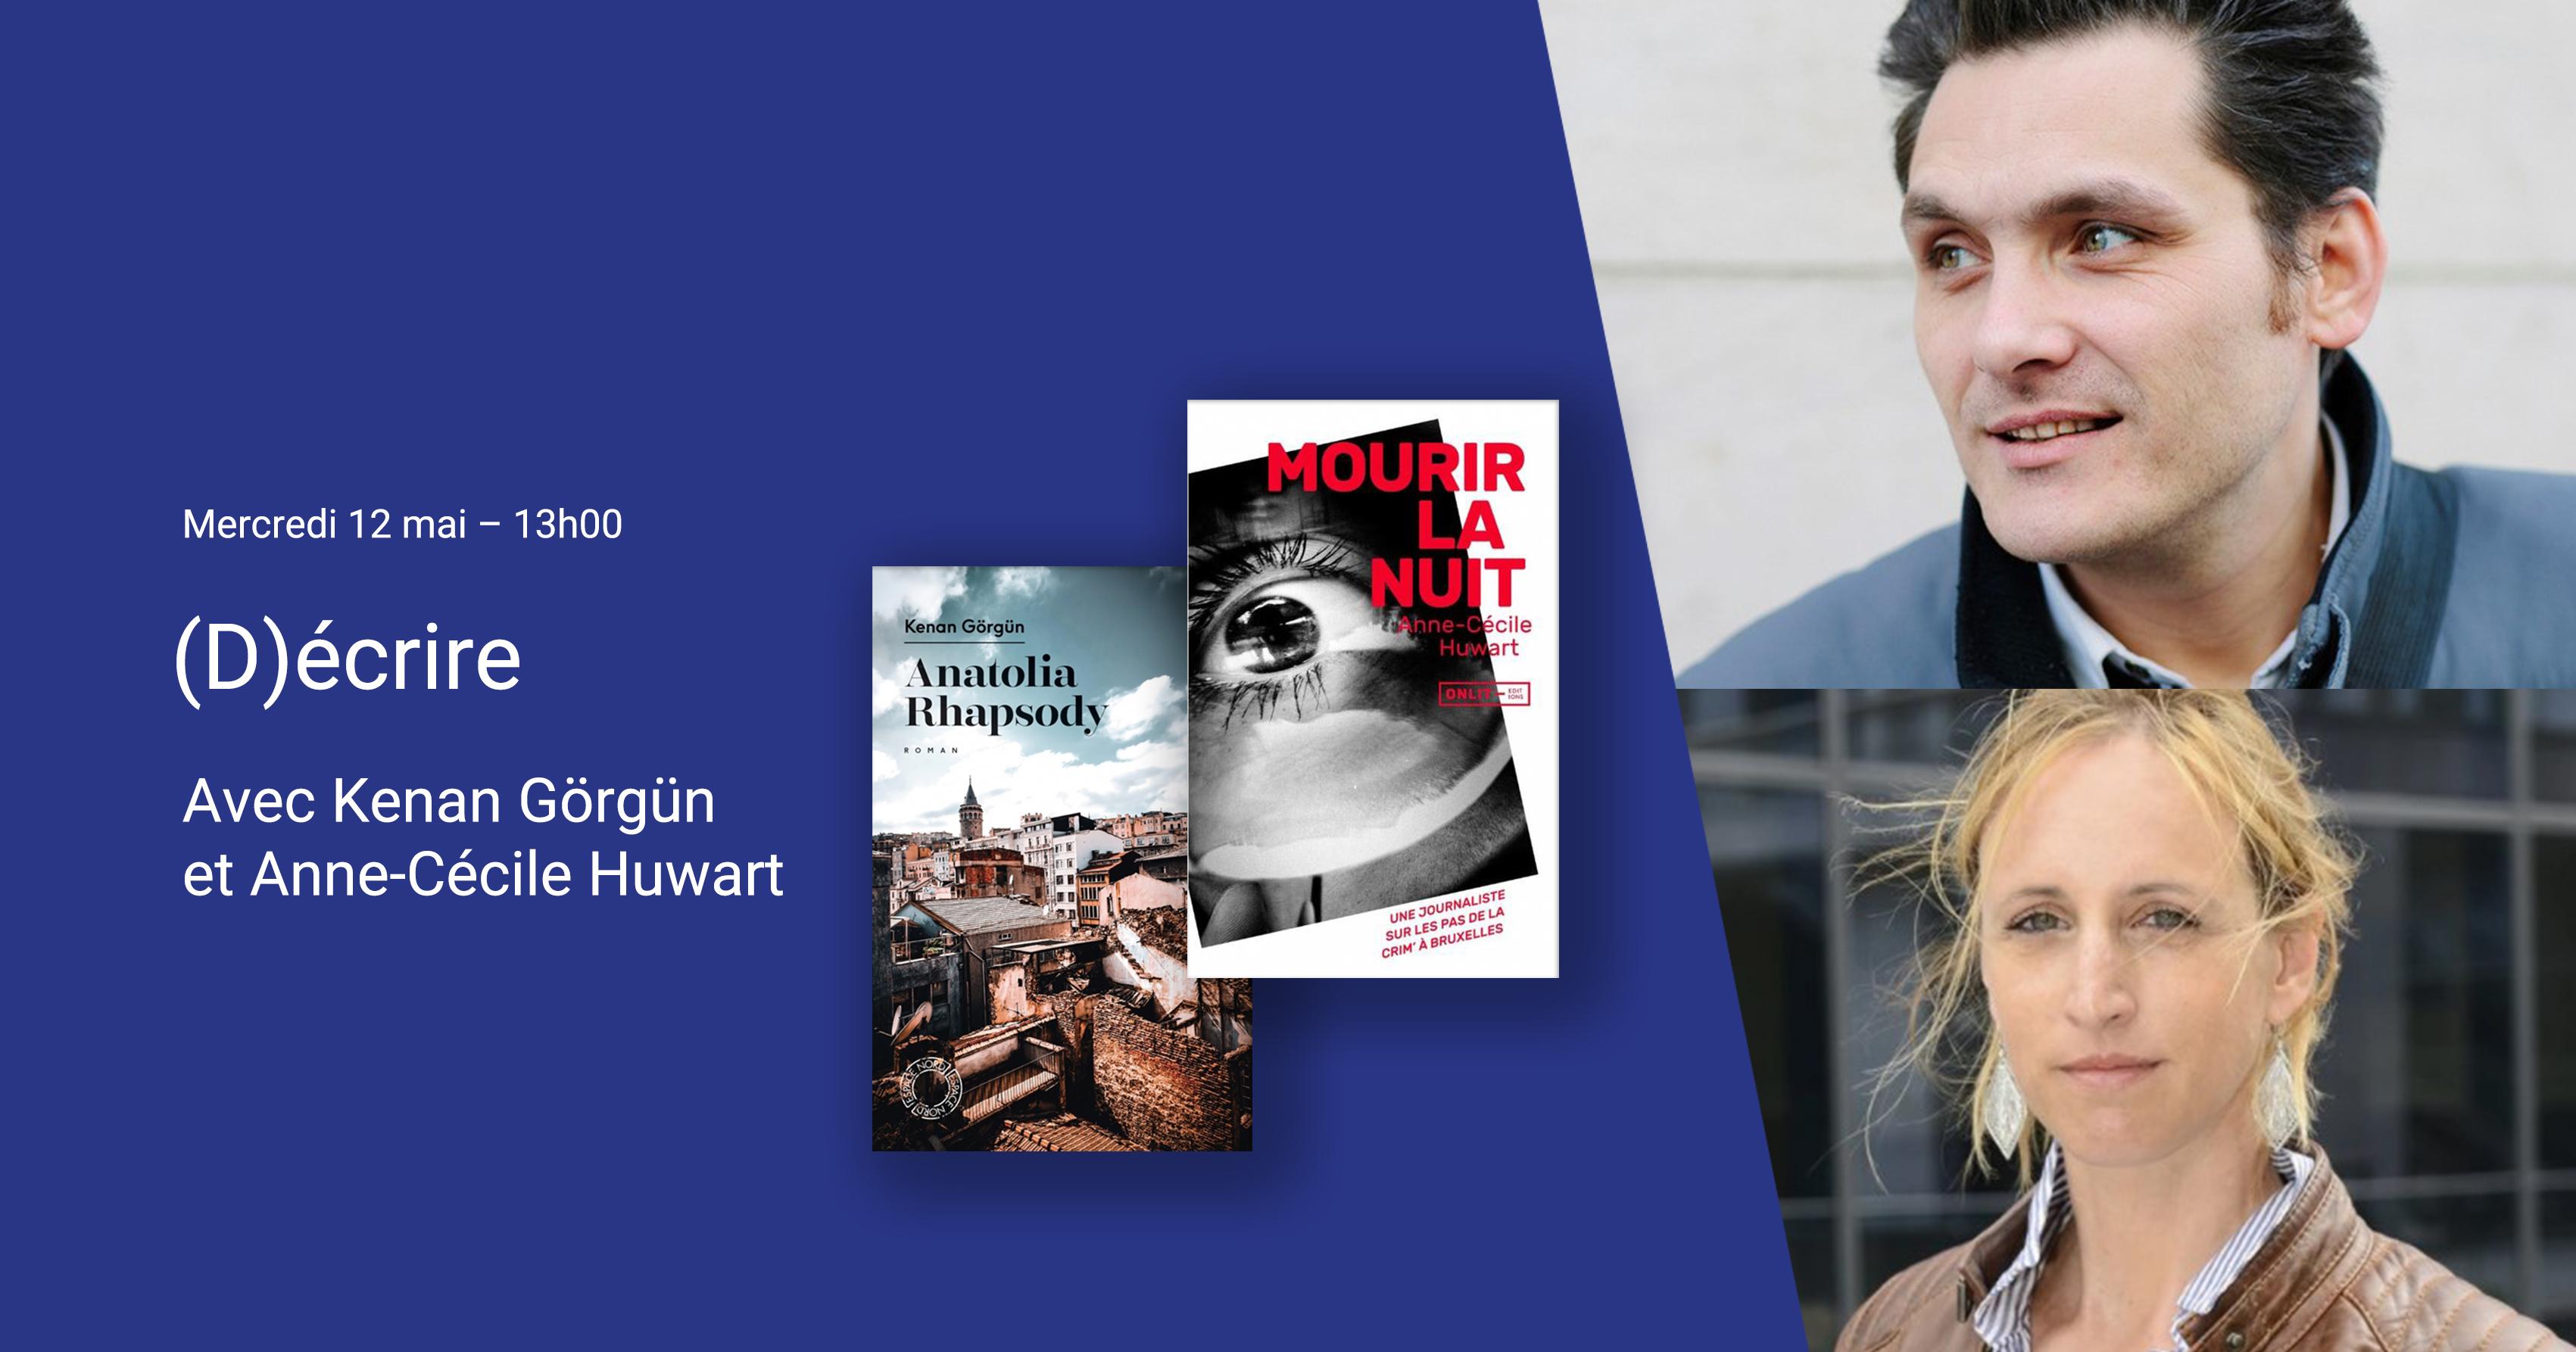 « (D)écrire » : rencontre avec Kenan Görgün et Anne-Cécile Huwart